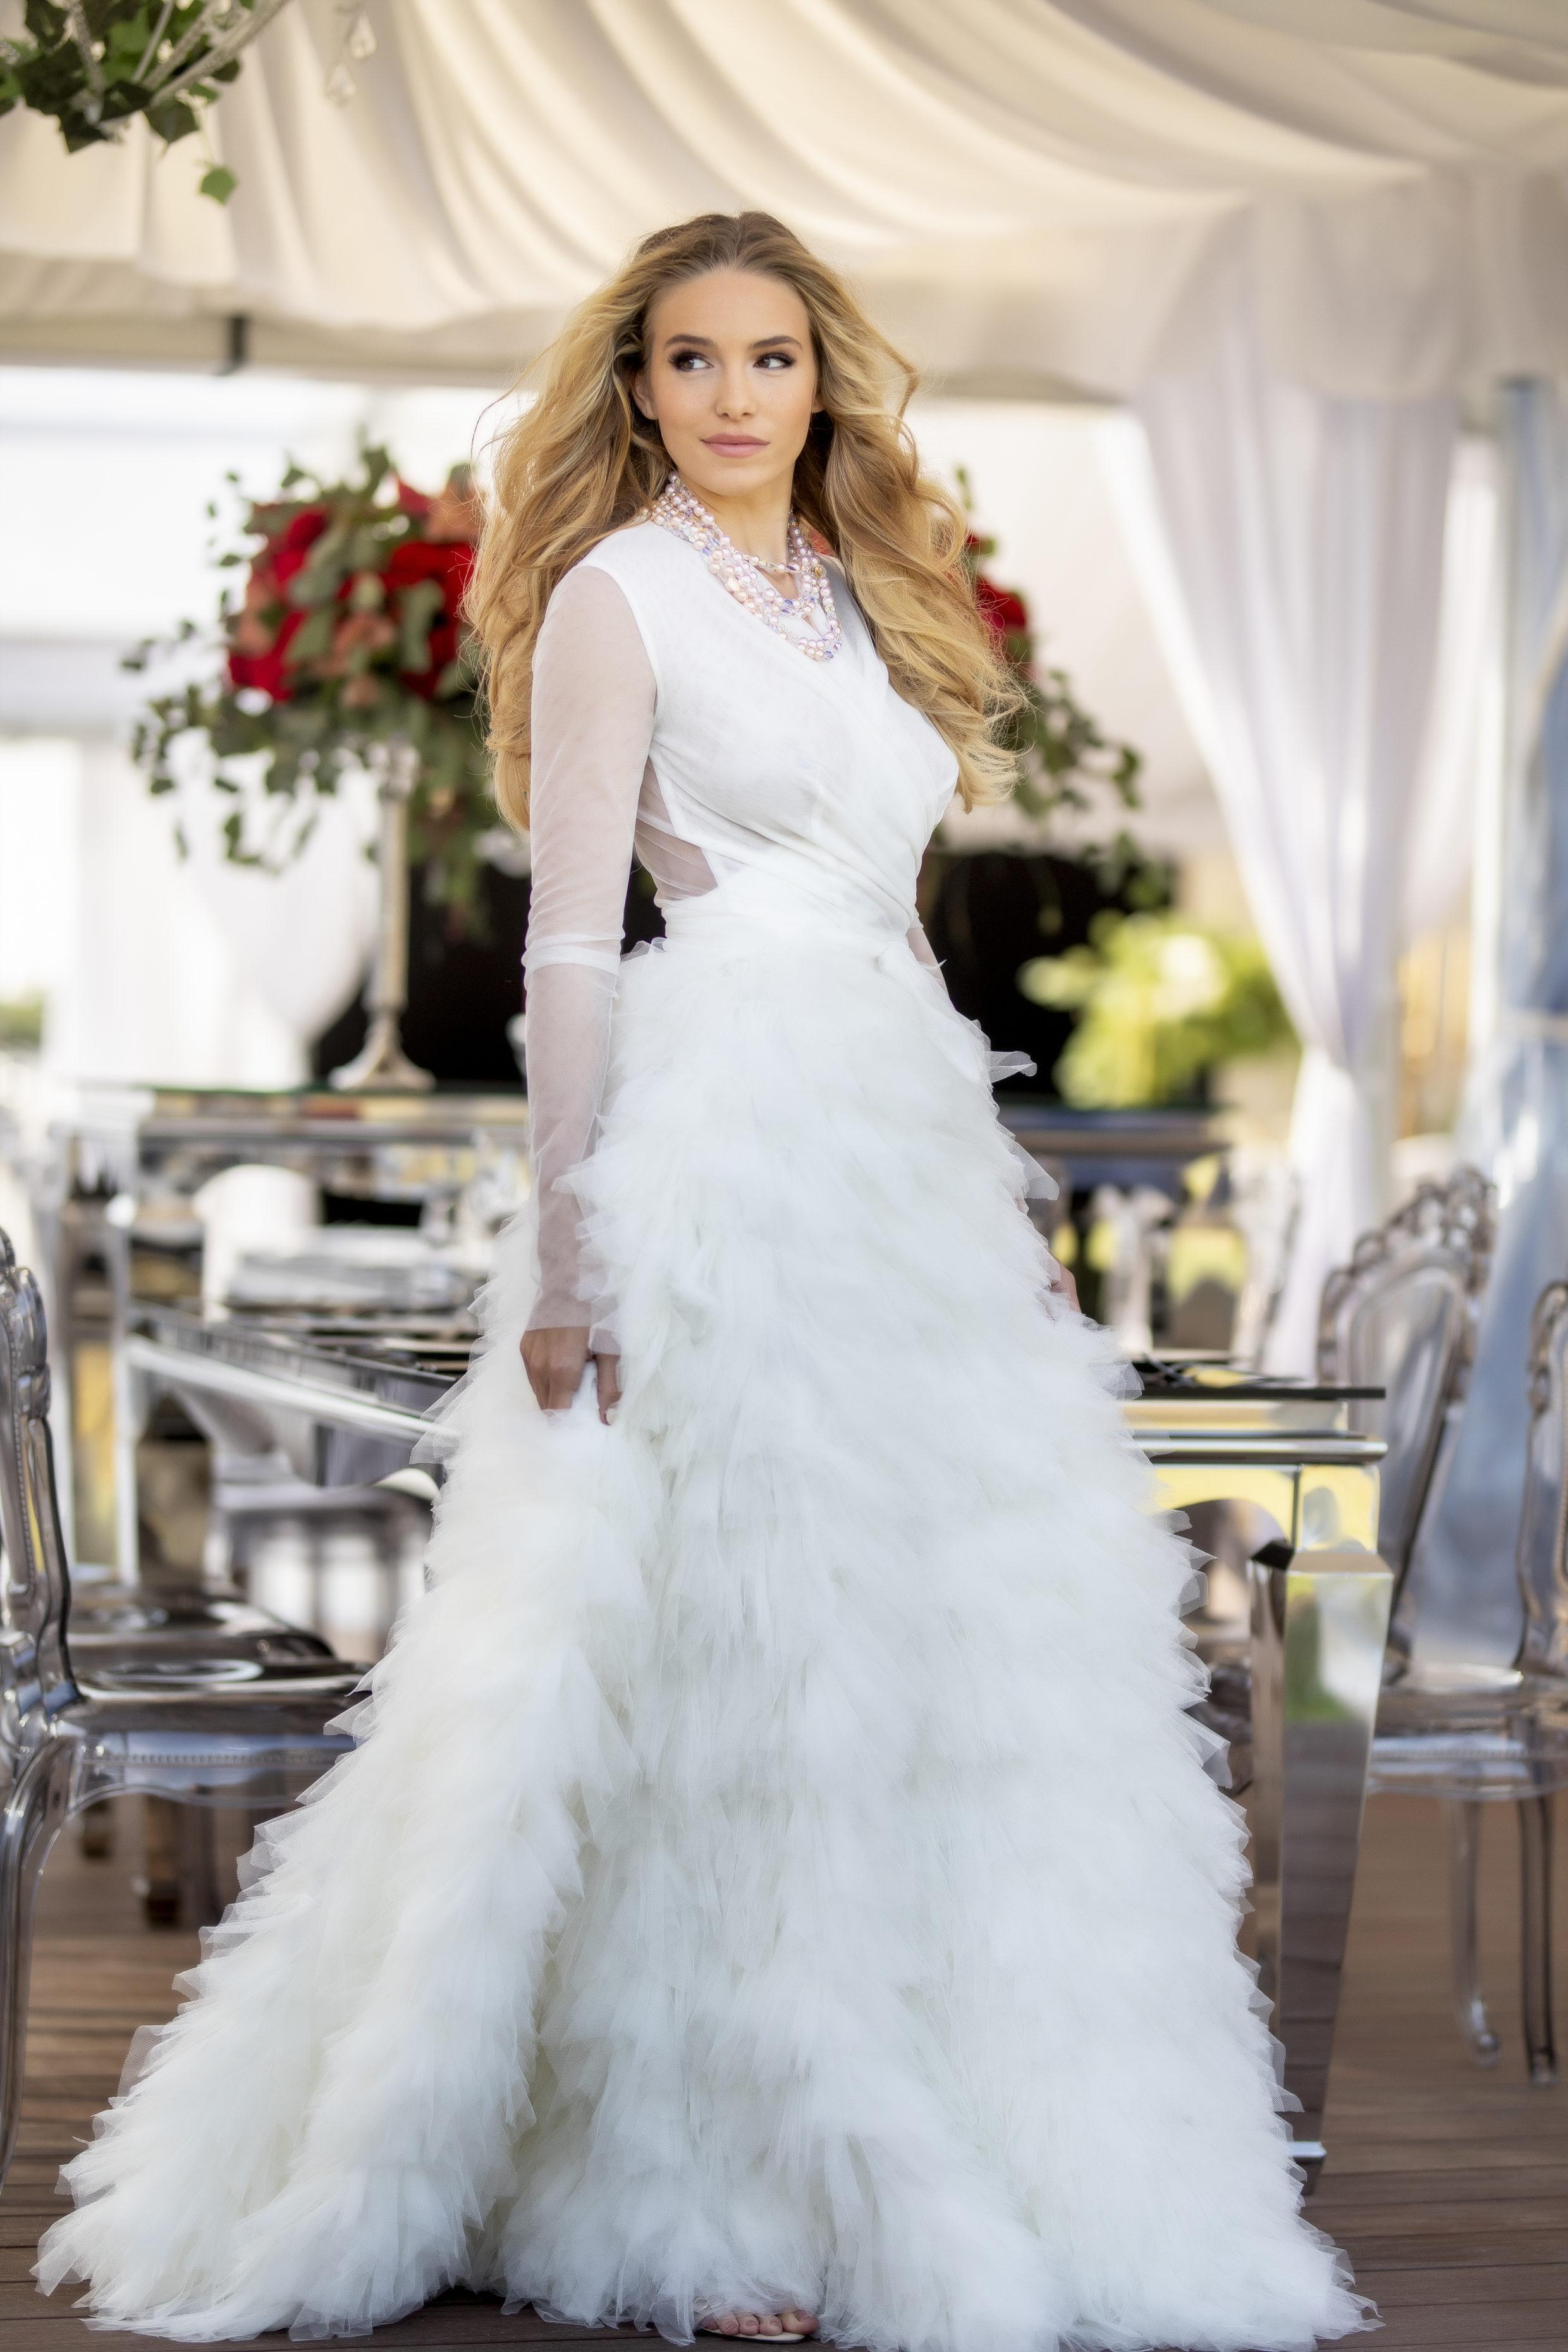 567994a3b9 Nincs könnyű dolga annak a menyasszonynak, aki elképzelés nélkül vág neki  az esküvői ruha kiválasztásának. Színben, fazonban, anyagban elképesztően  széles a ...